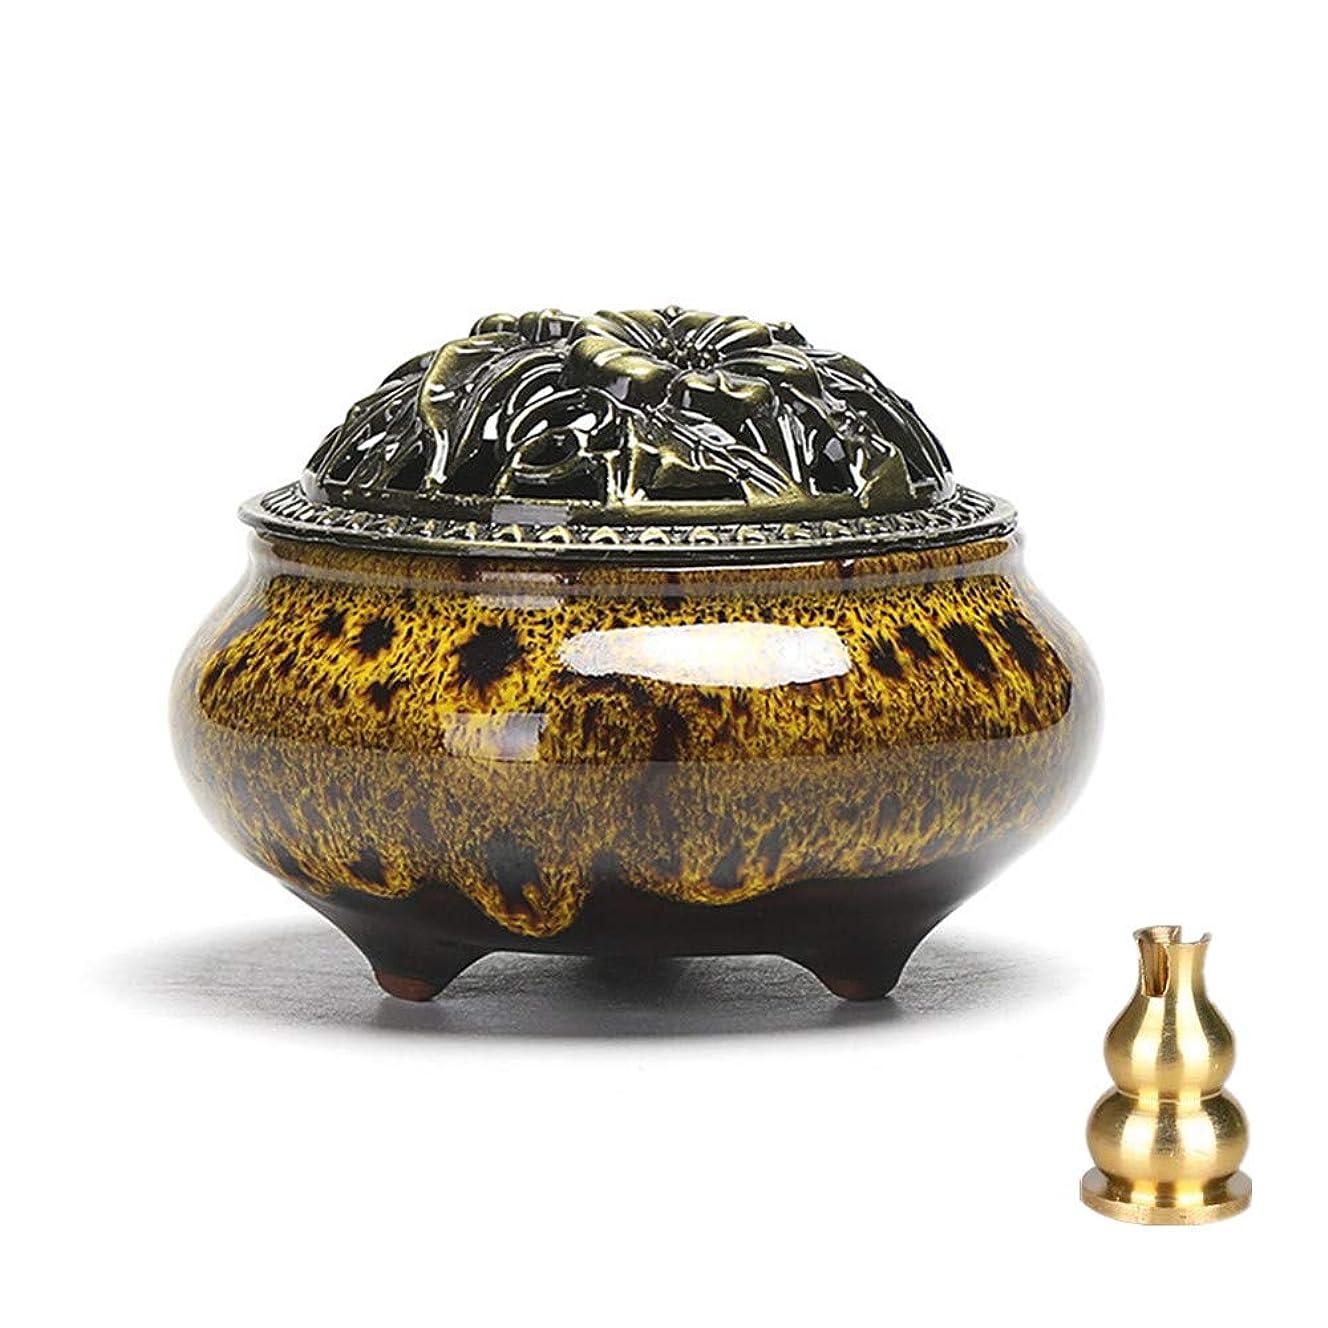 Zaoniy セラミック 家庭用 お香立て 耐火性 綿 磁器 お香立て 磁器 炭 香炉 樹脂 粒状 パウダー コーン コイル お香 用 イエロー